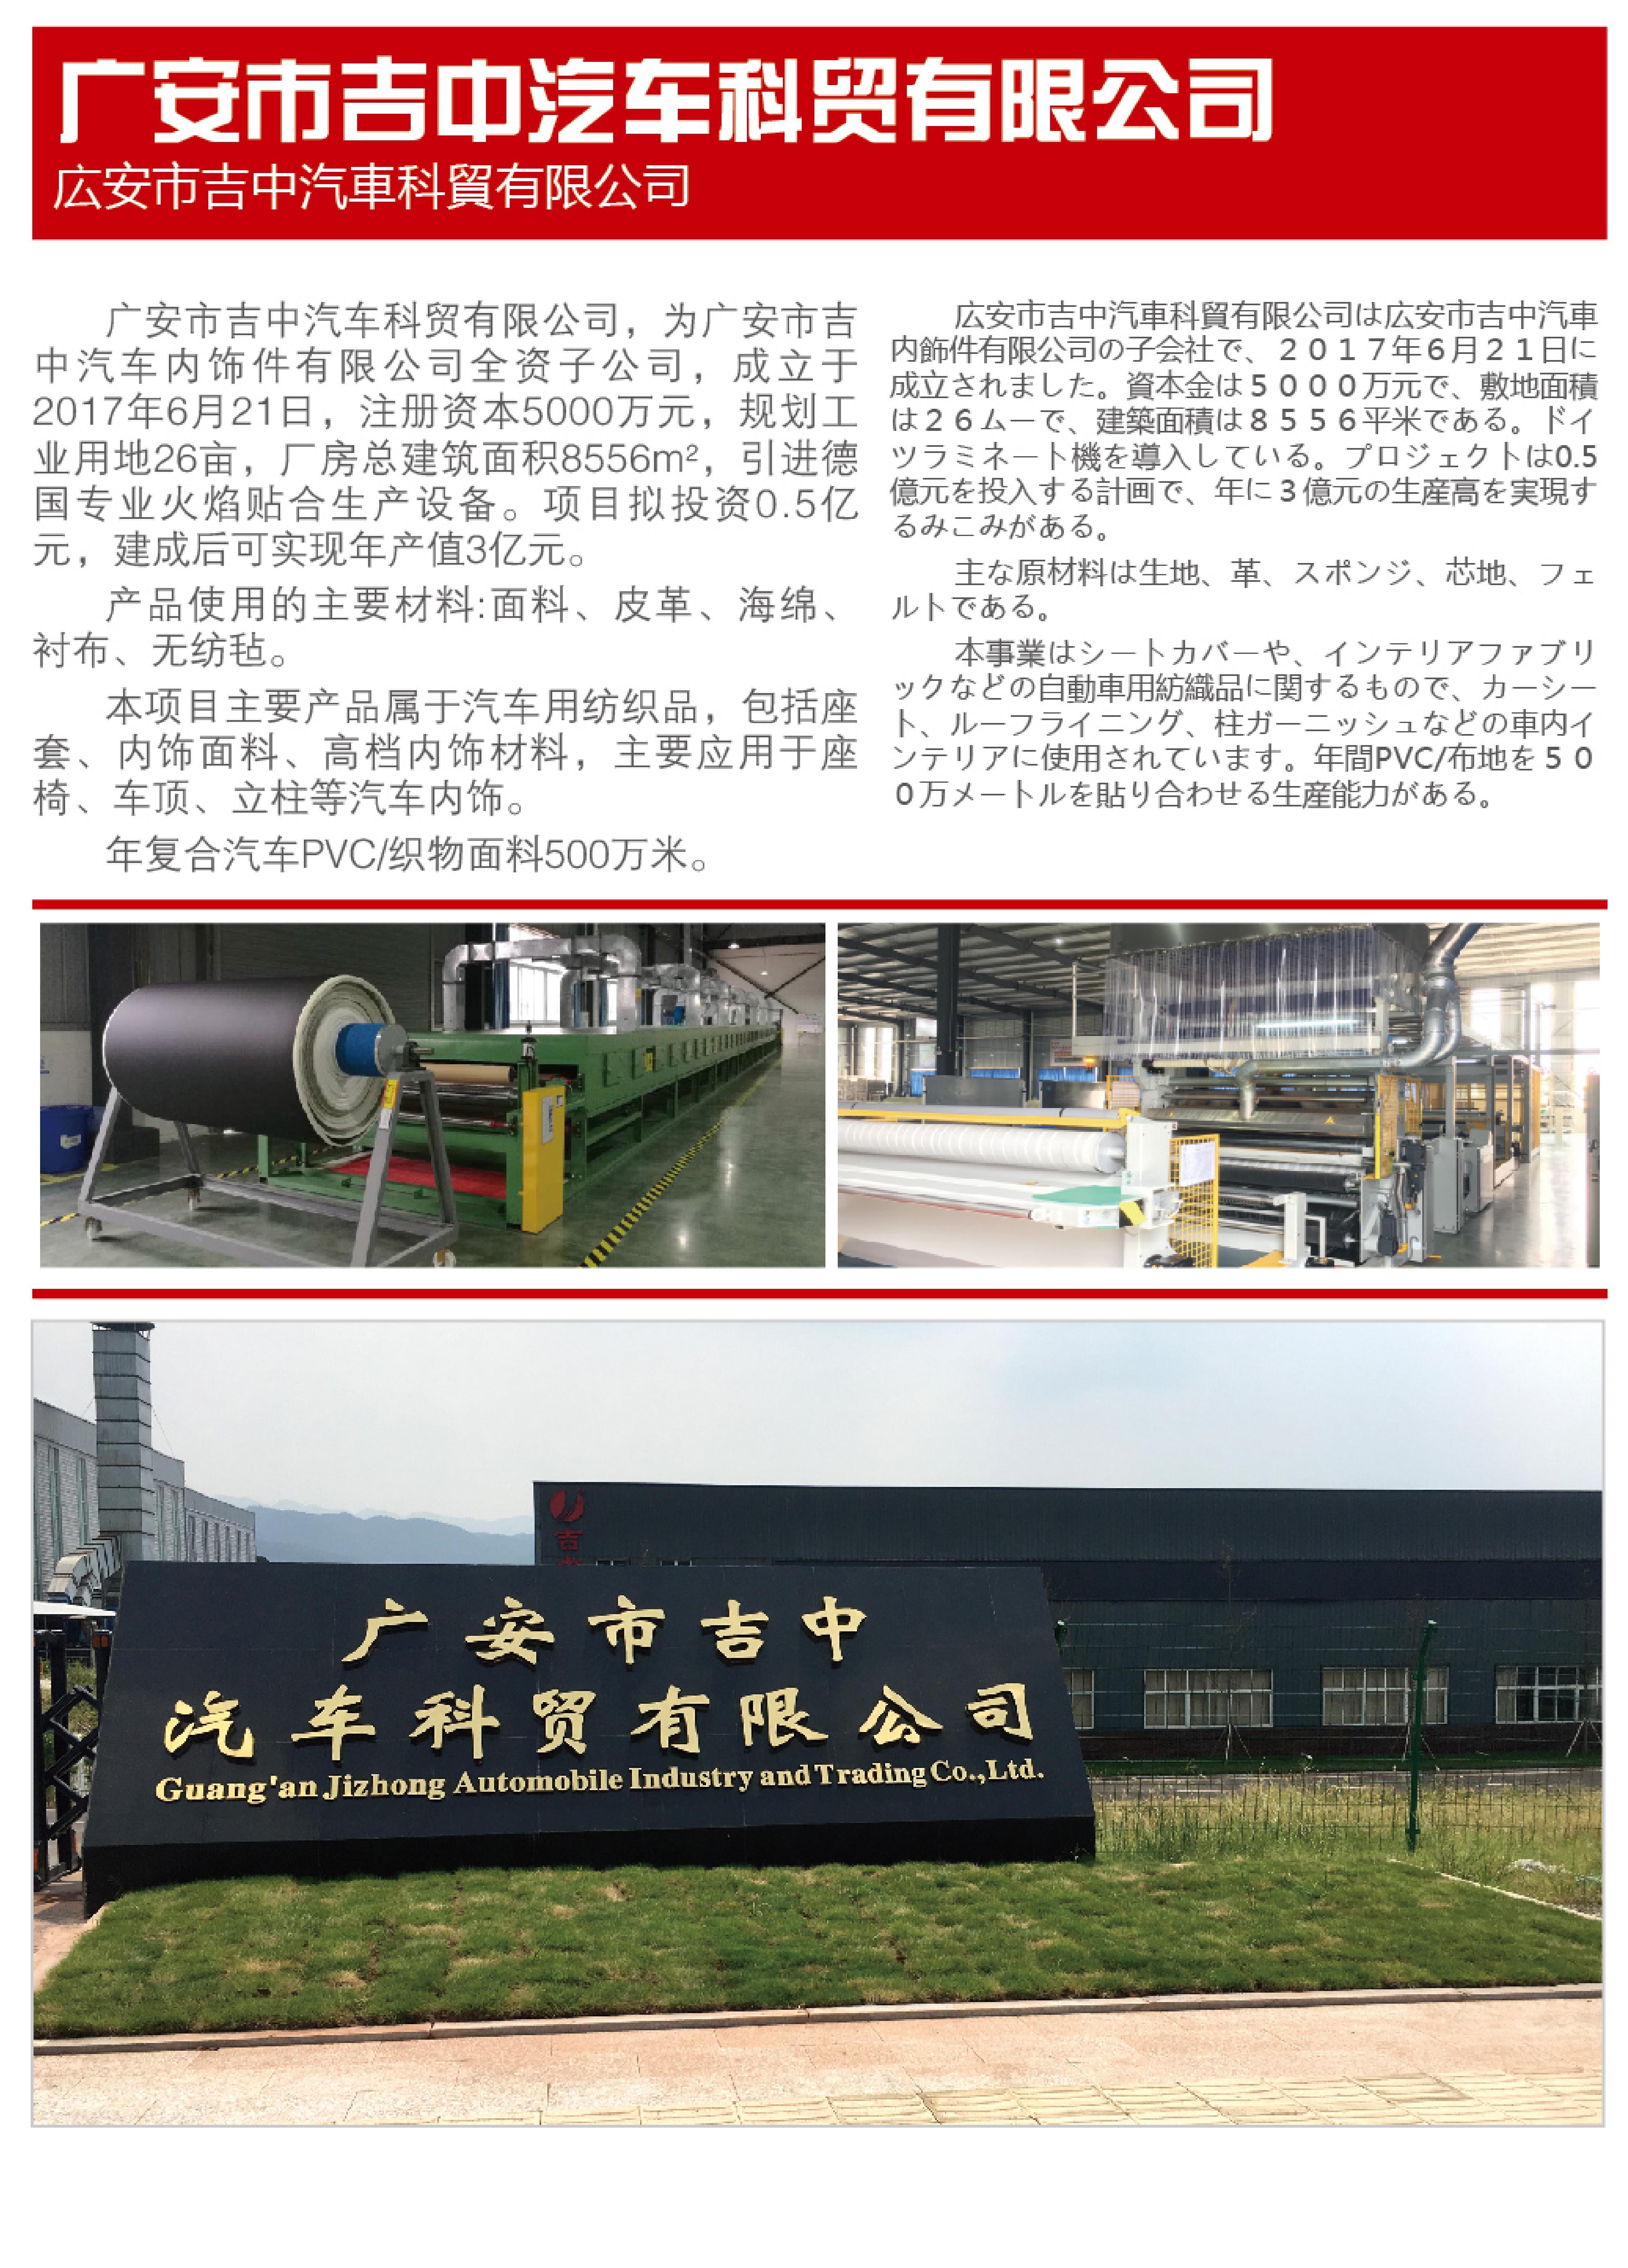 广安市吉中汽车科货有限公司